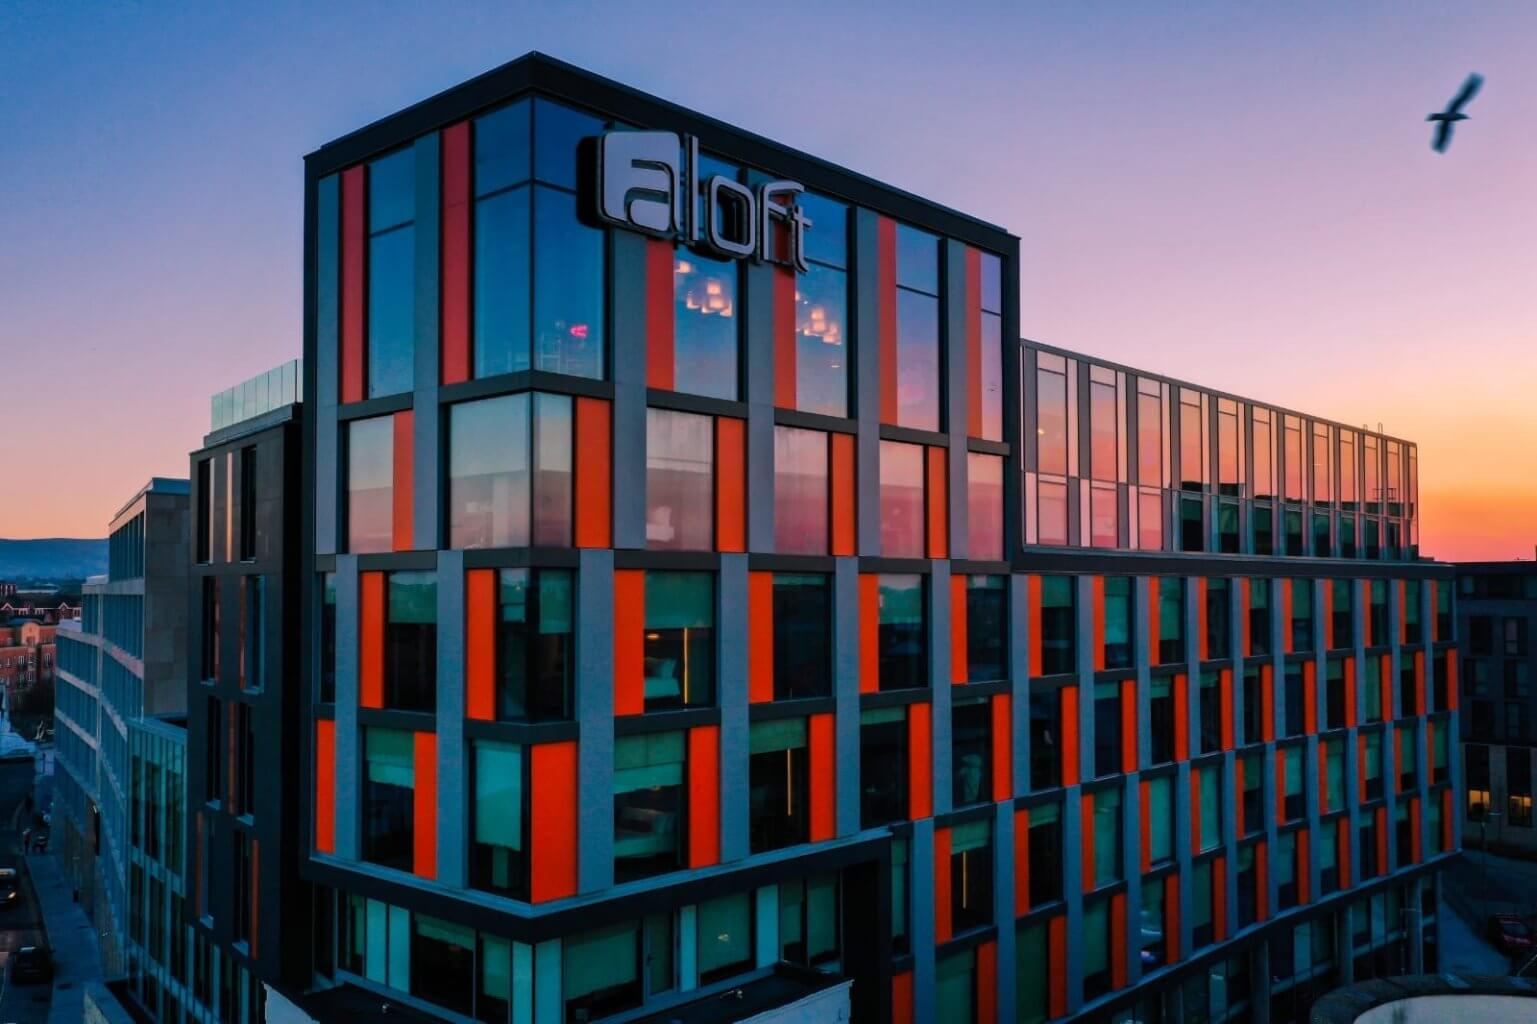 Aloft Hotel Dublin